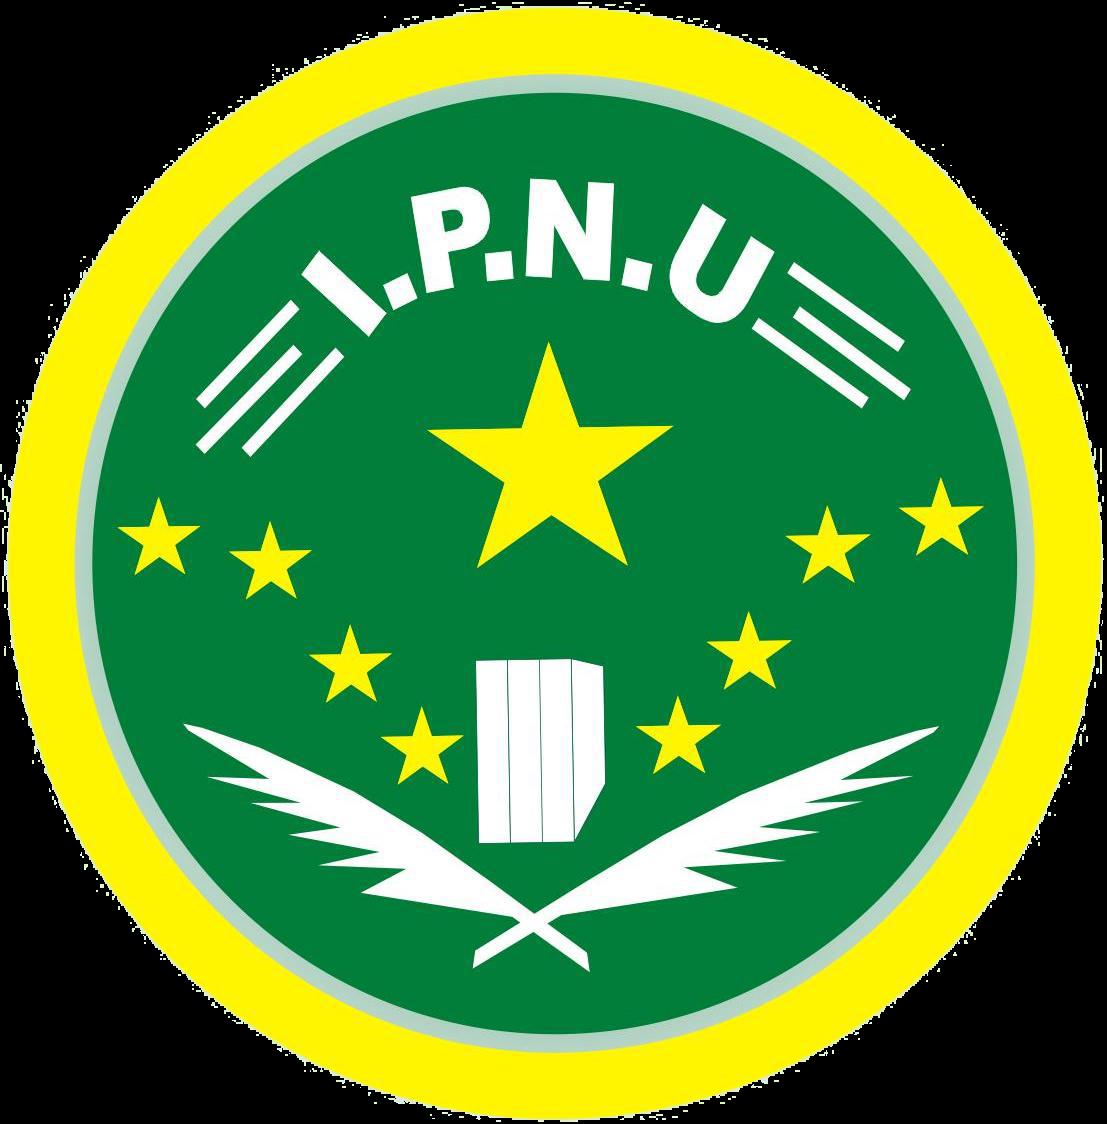 http://www.ipnuippnukirig.or.id/